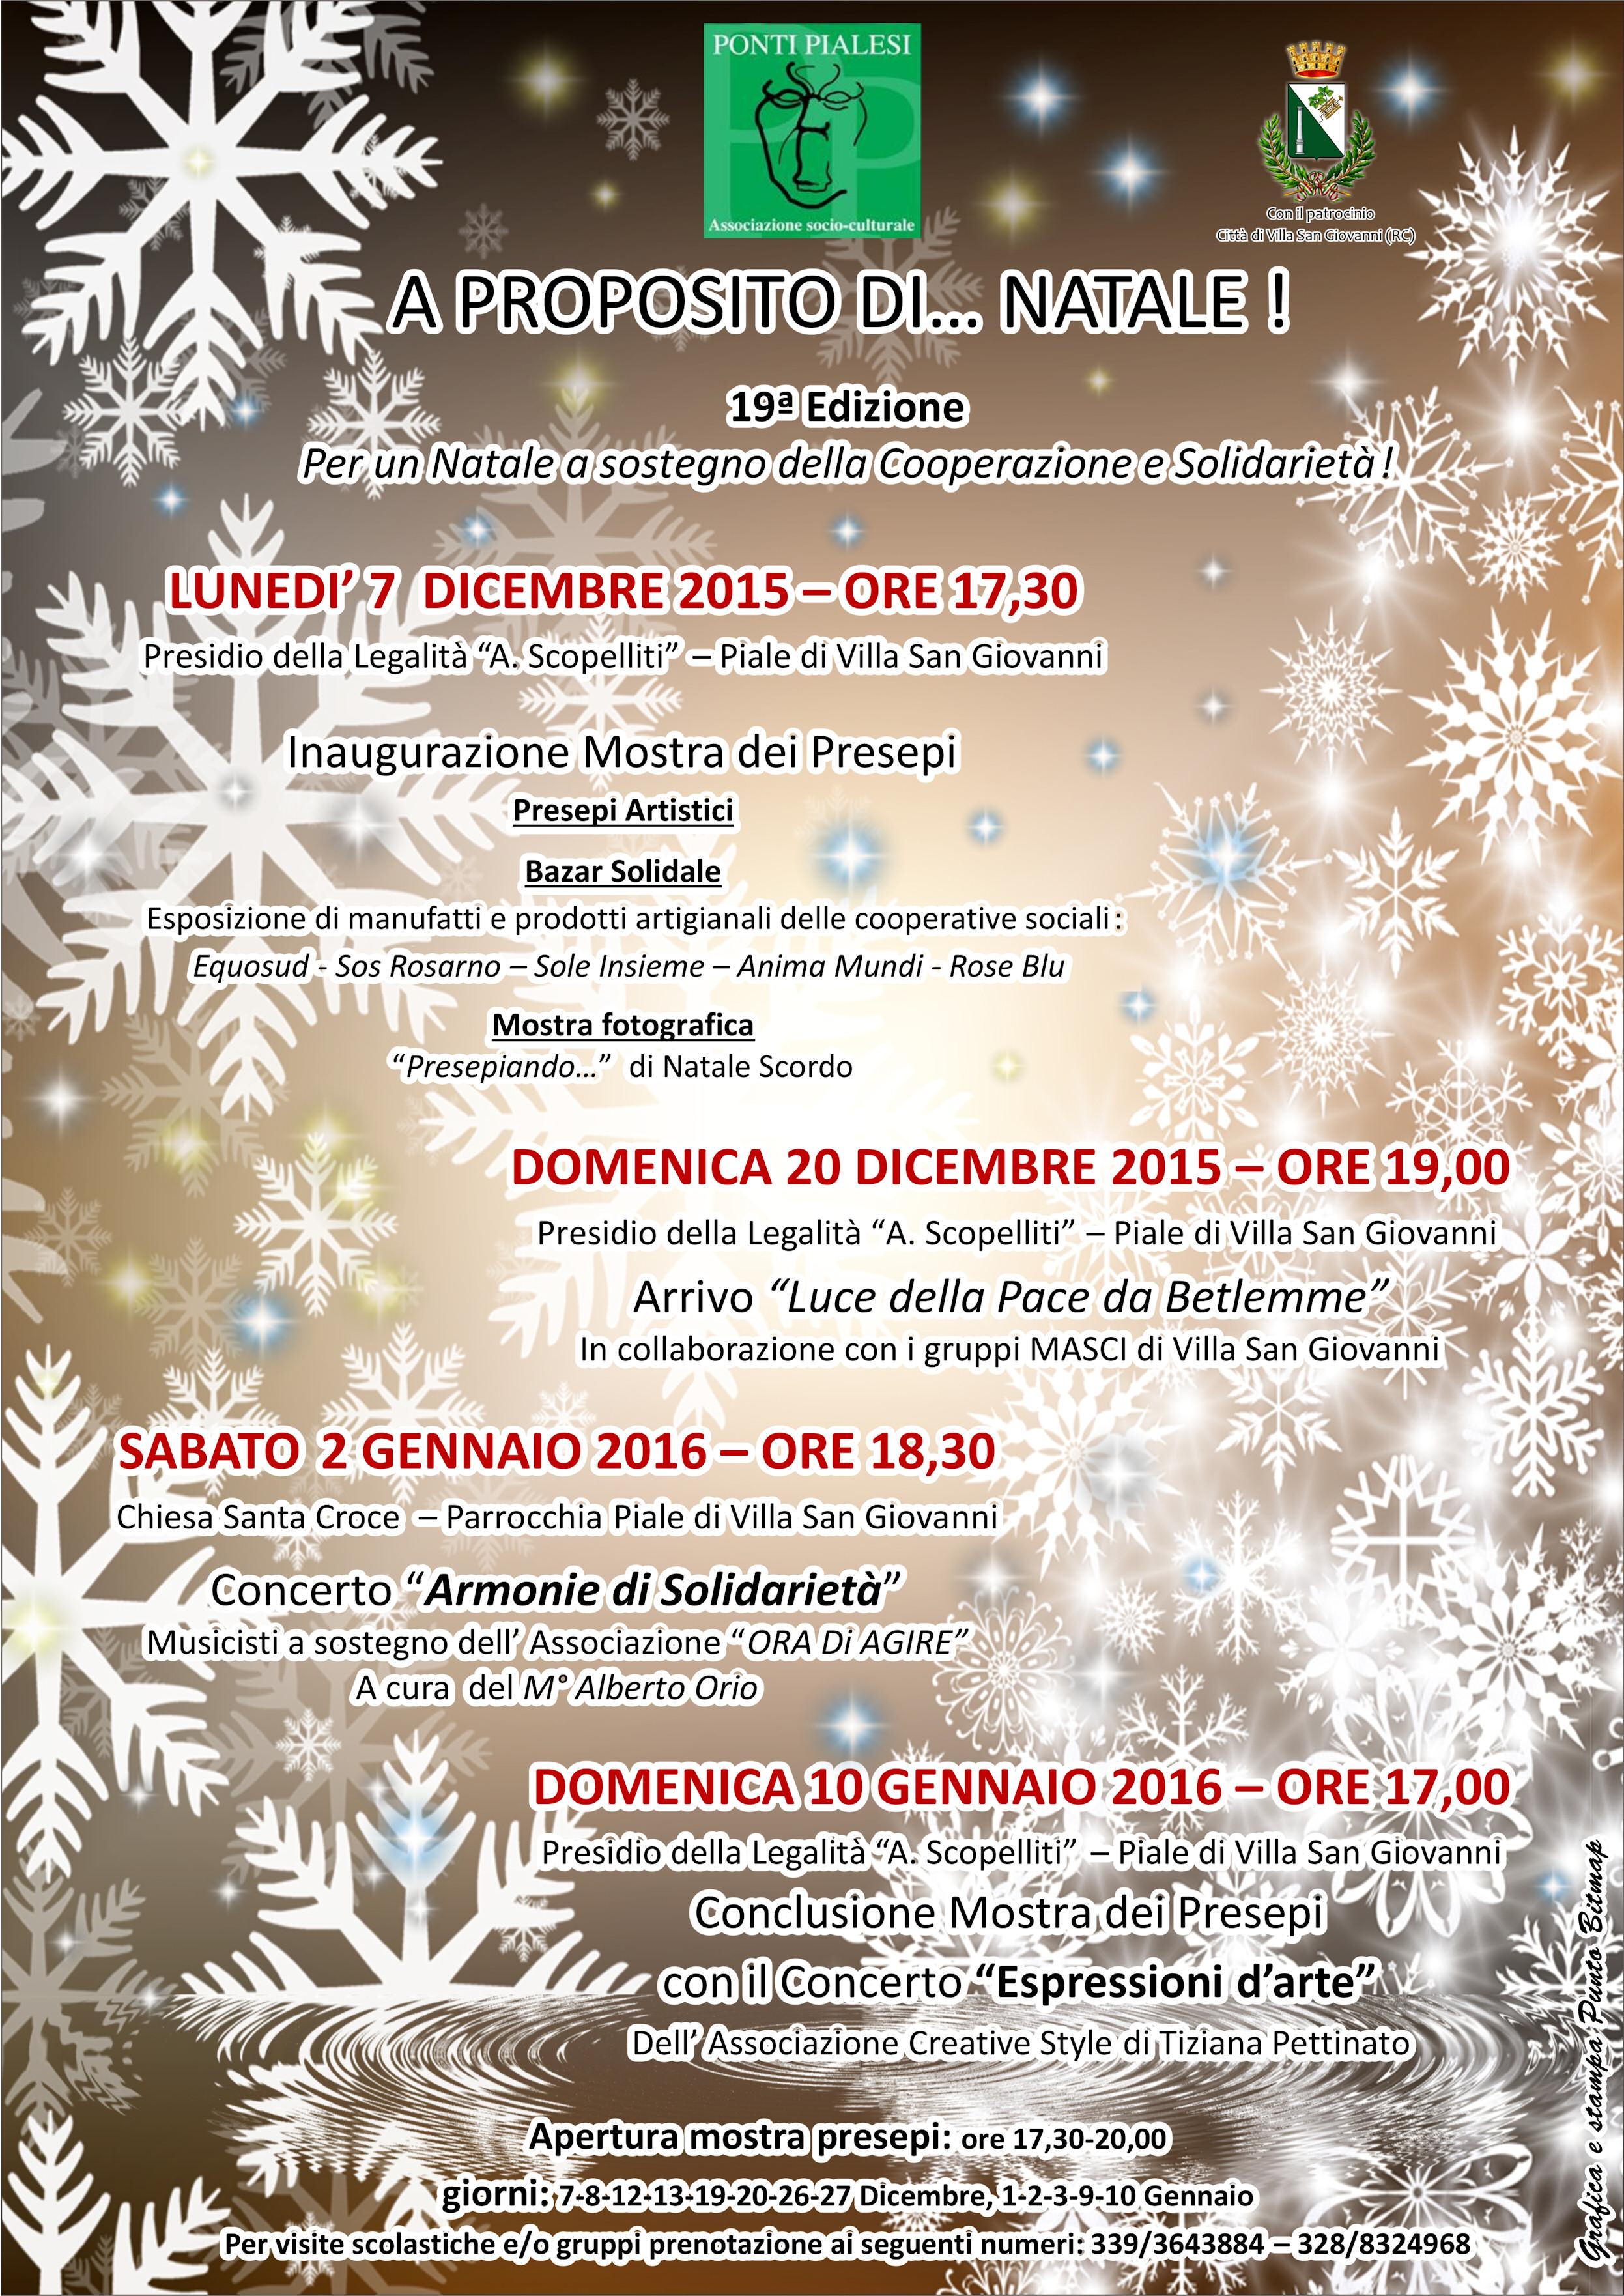 PONTI PIALESI - A Proposito di... Natale 2015